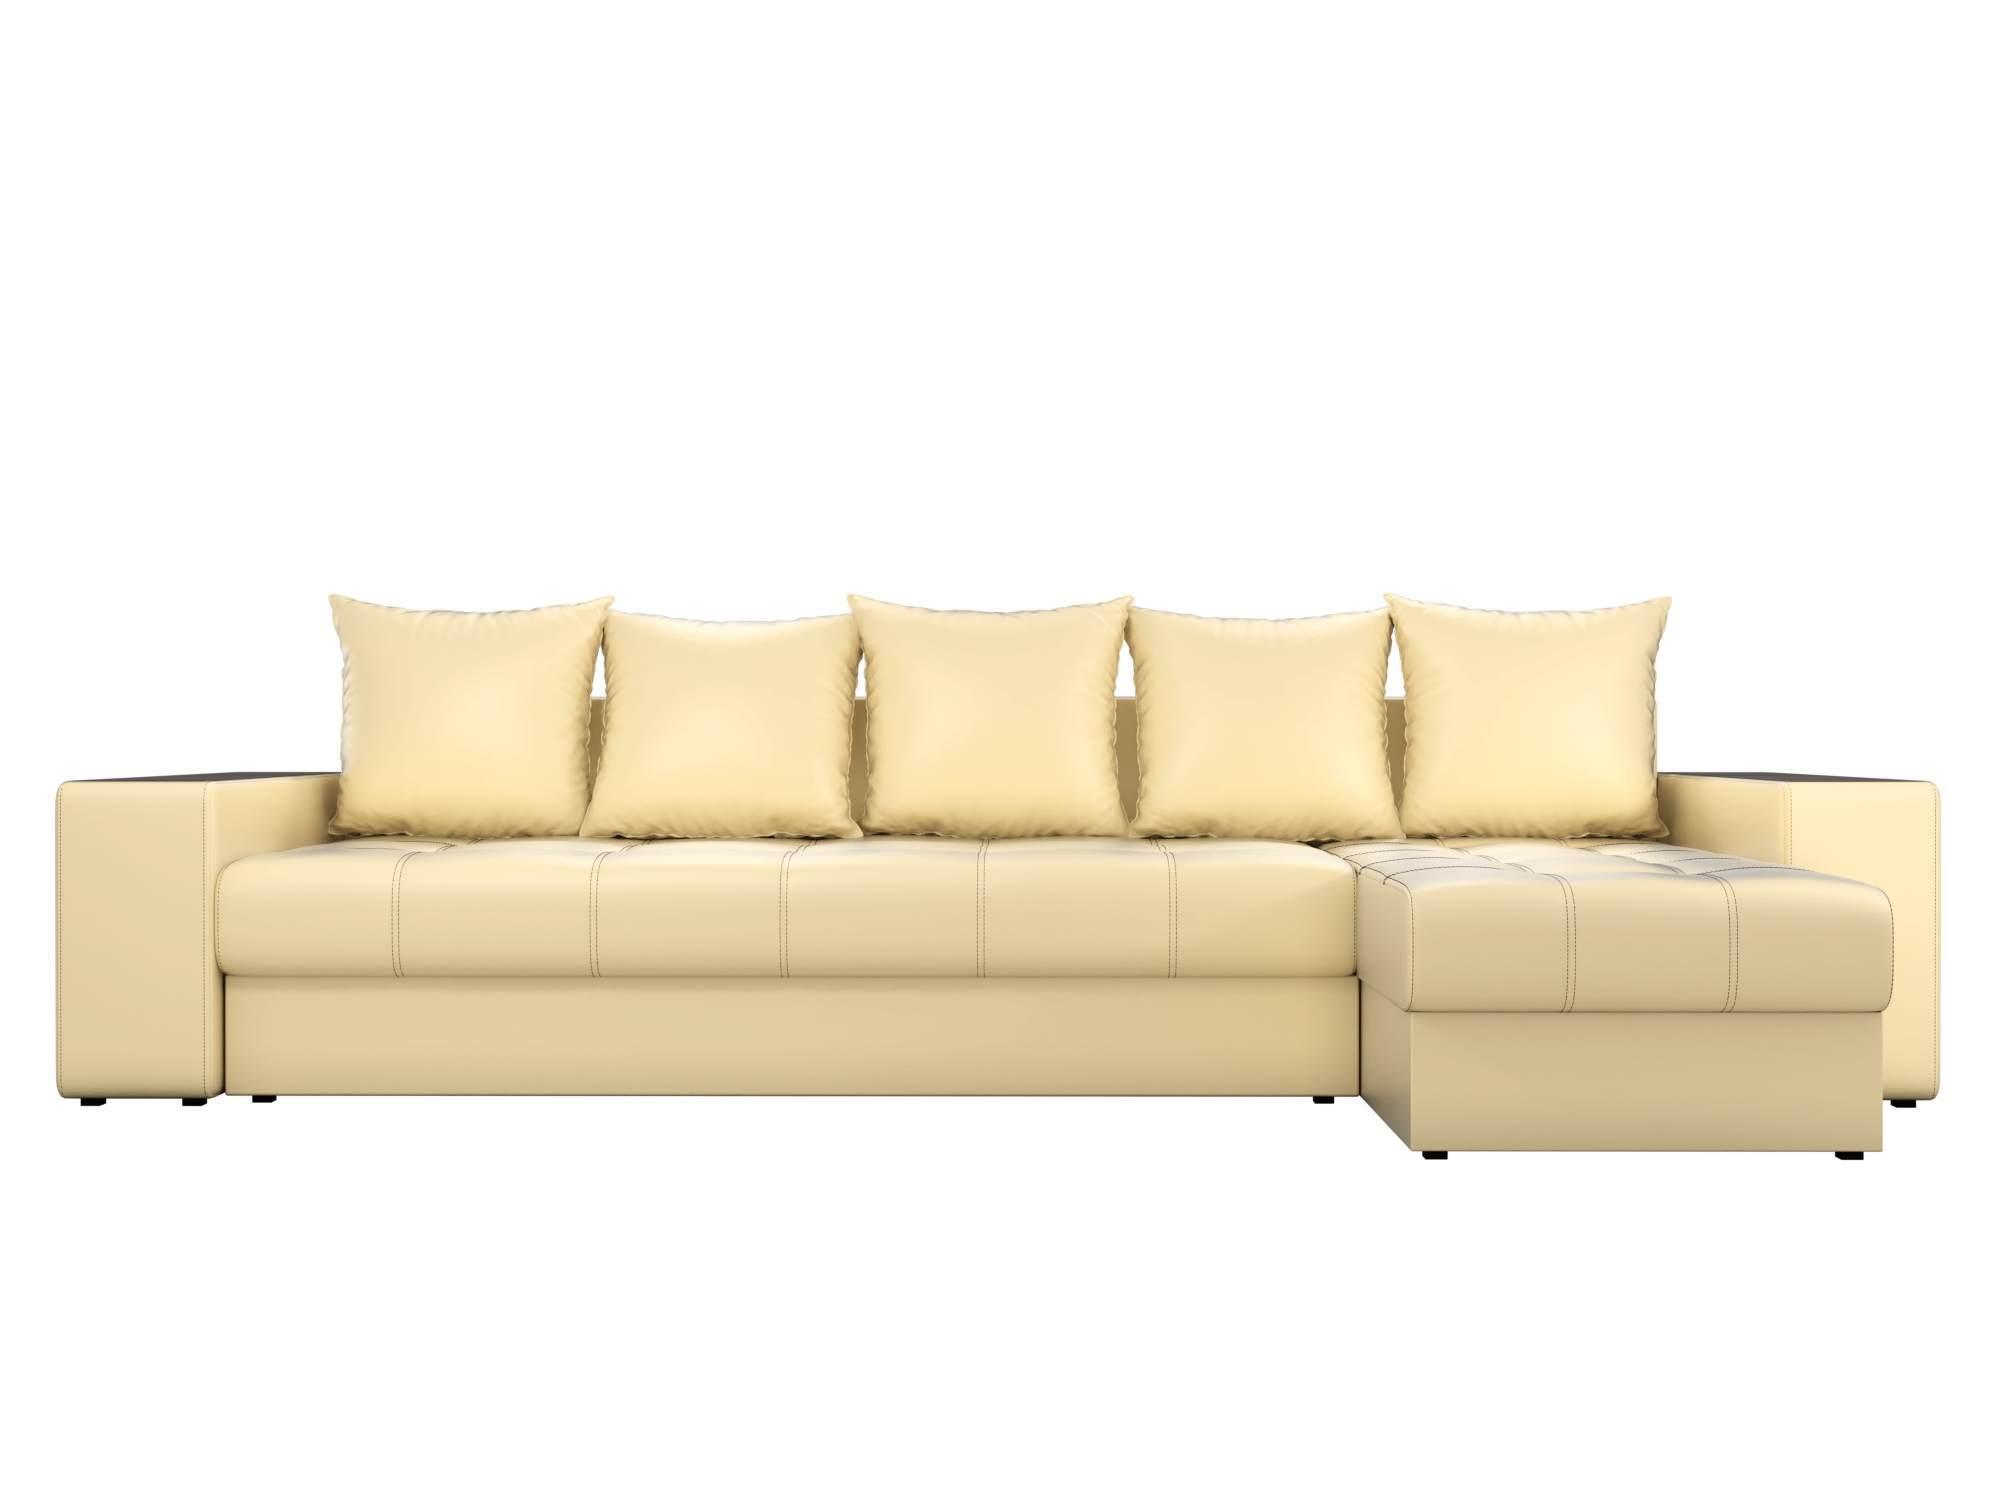 Угловой диван дубай правый купить Надвижимость Дубай Аль Лисайли